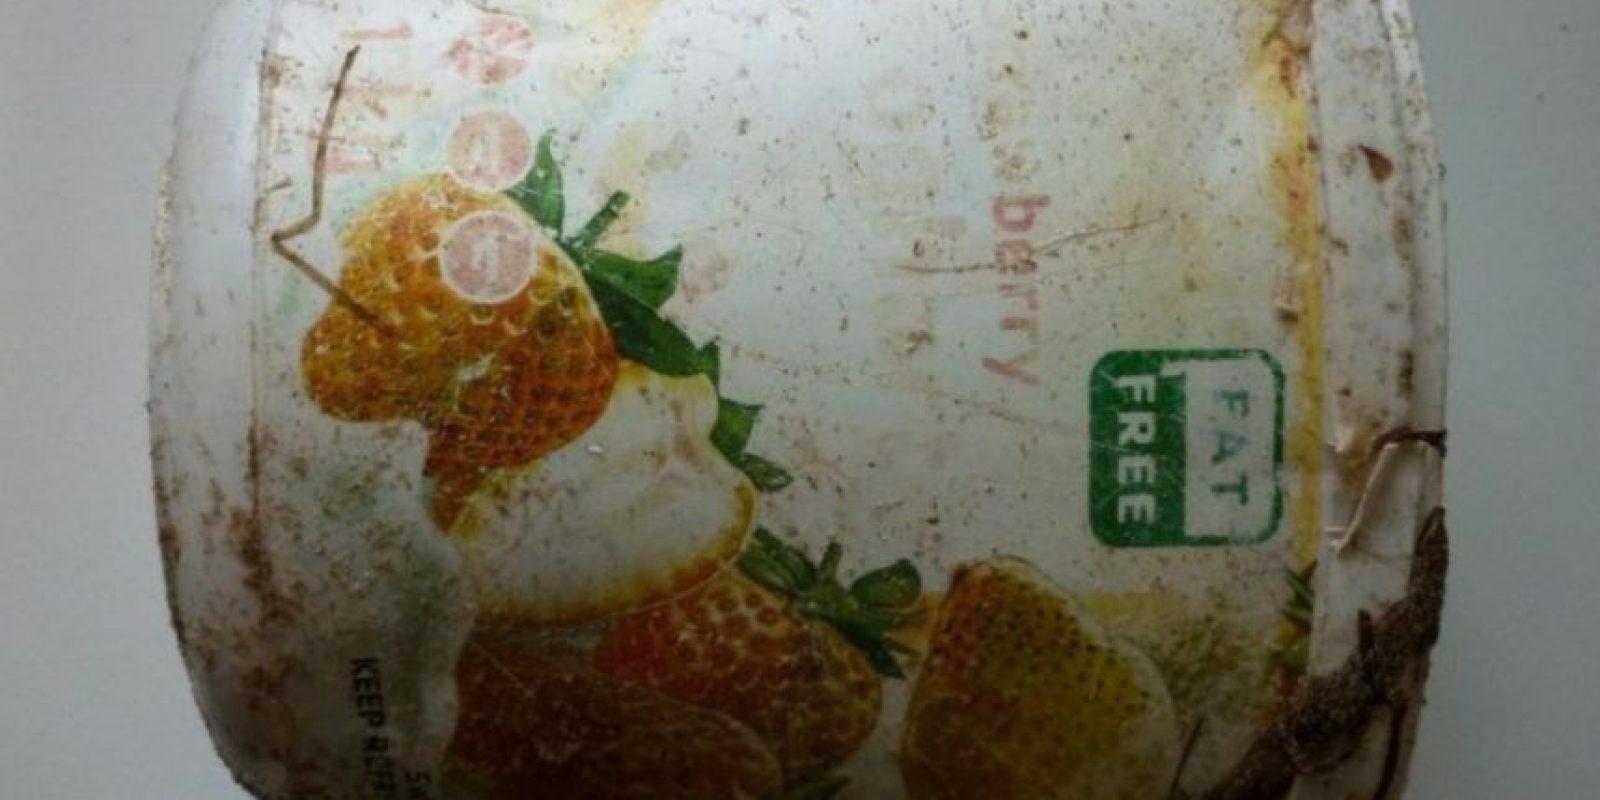 Principalmente desechos plásticos Foto:Facebook.com/OrcaPlett